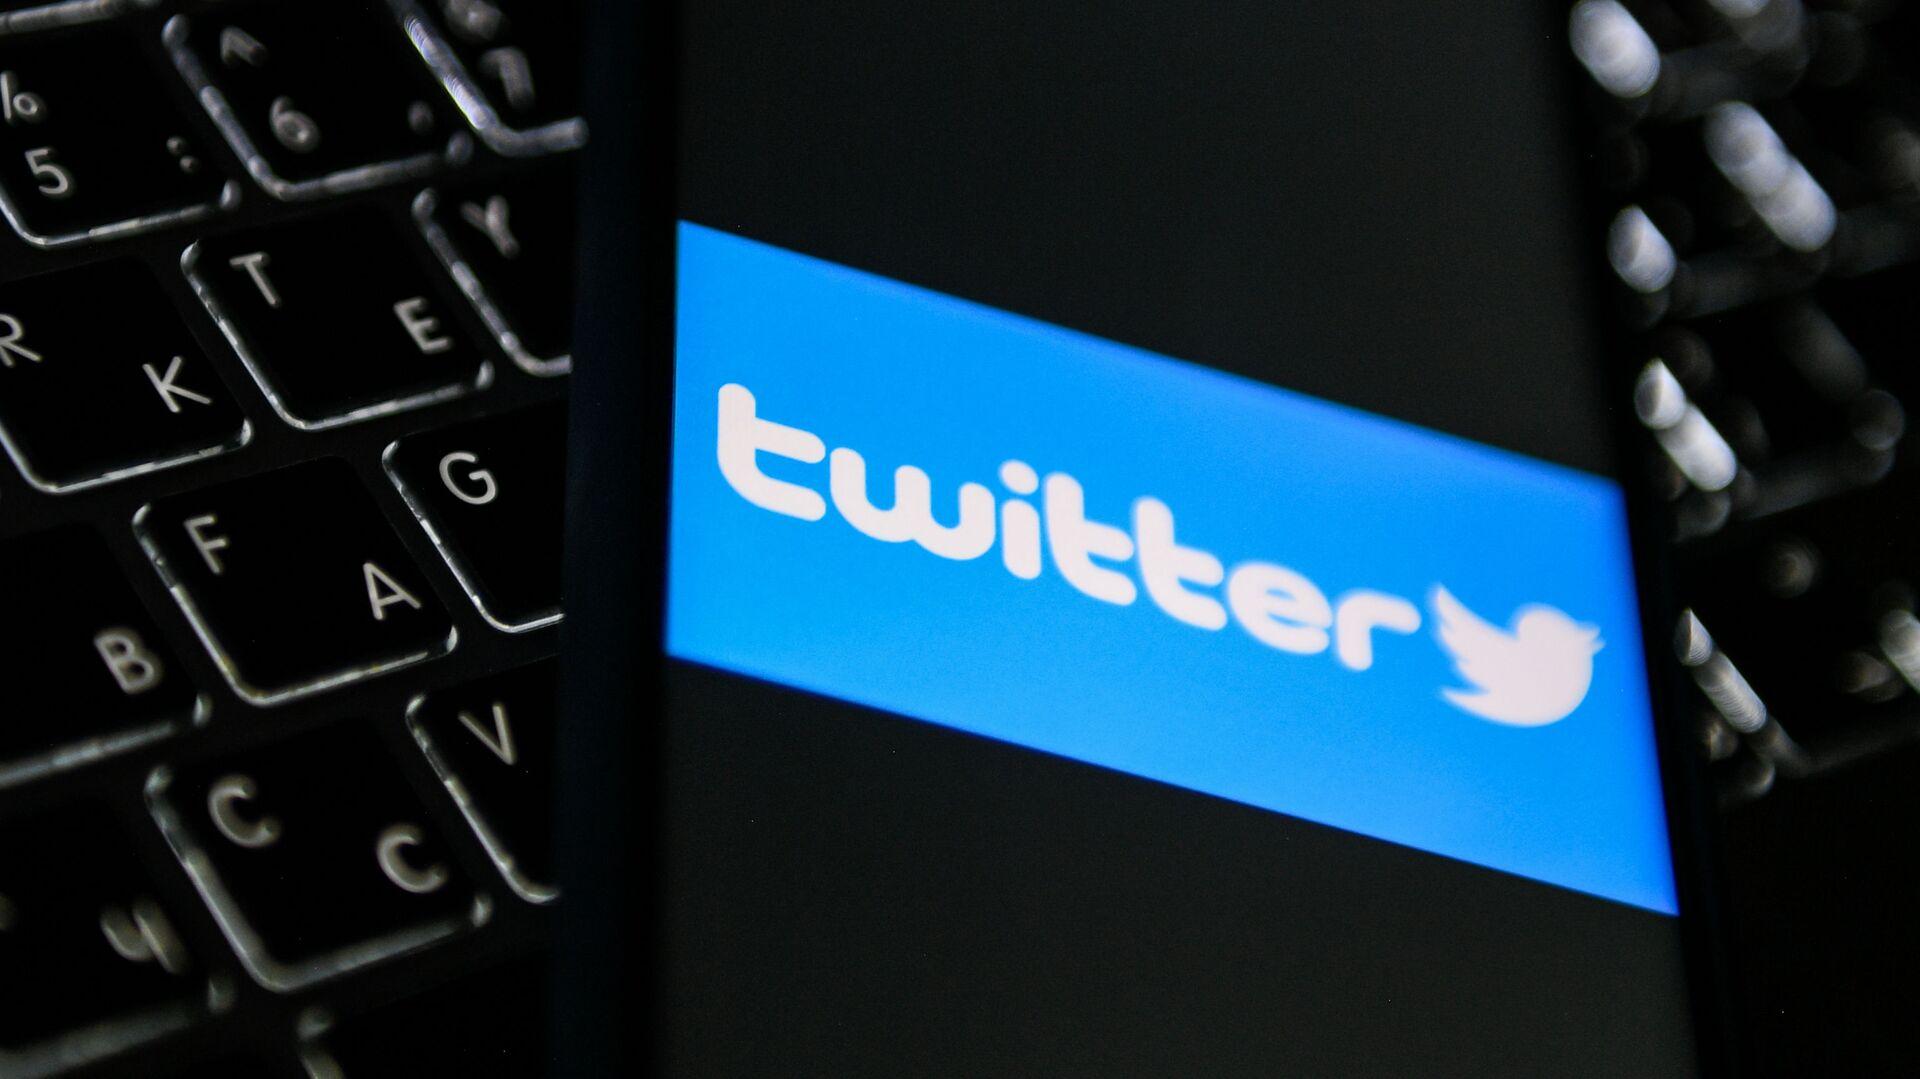 Логотип социальной сети Twitter на экране мобильного телефона - Sputnik Беларусь, 1920, 09.03.2021